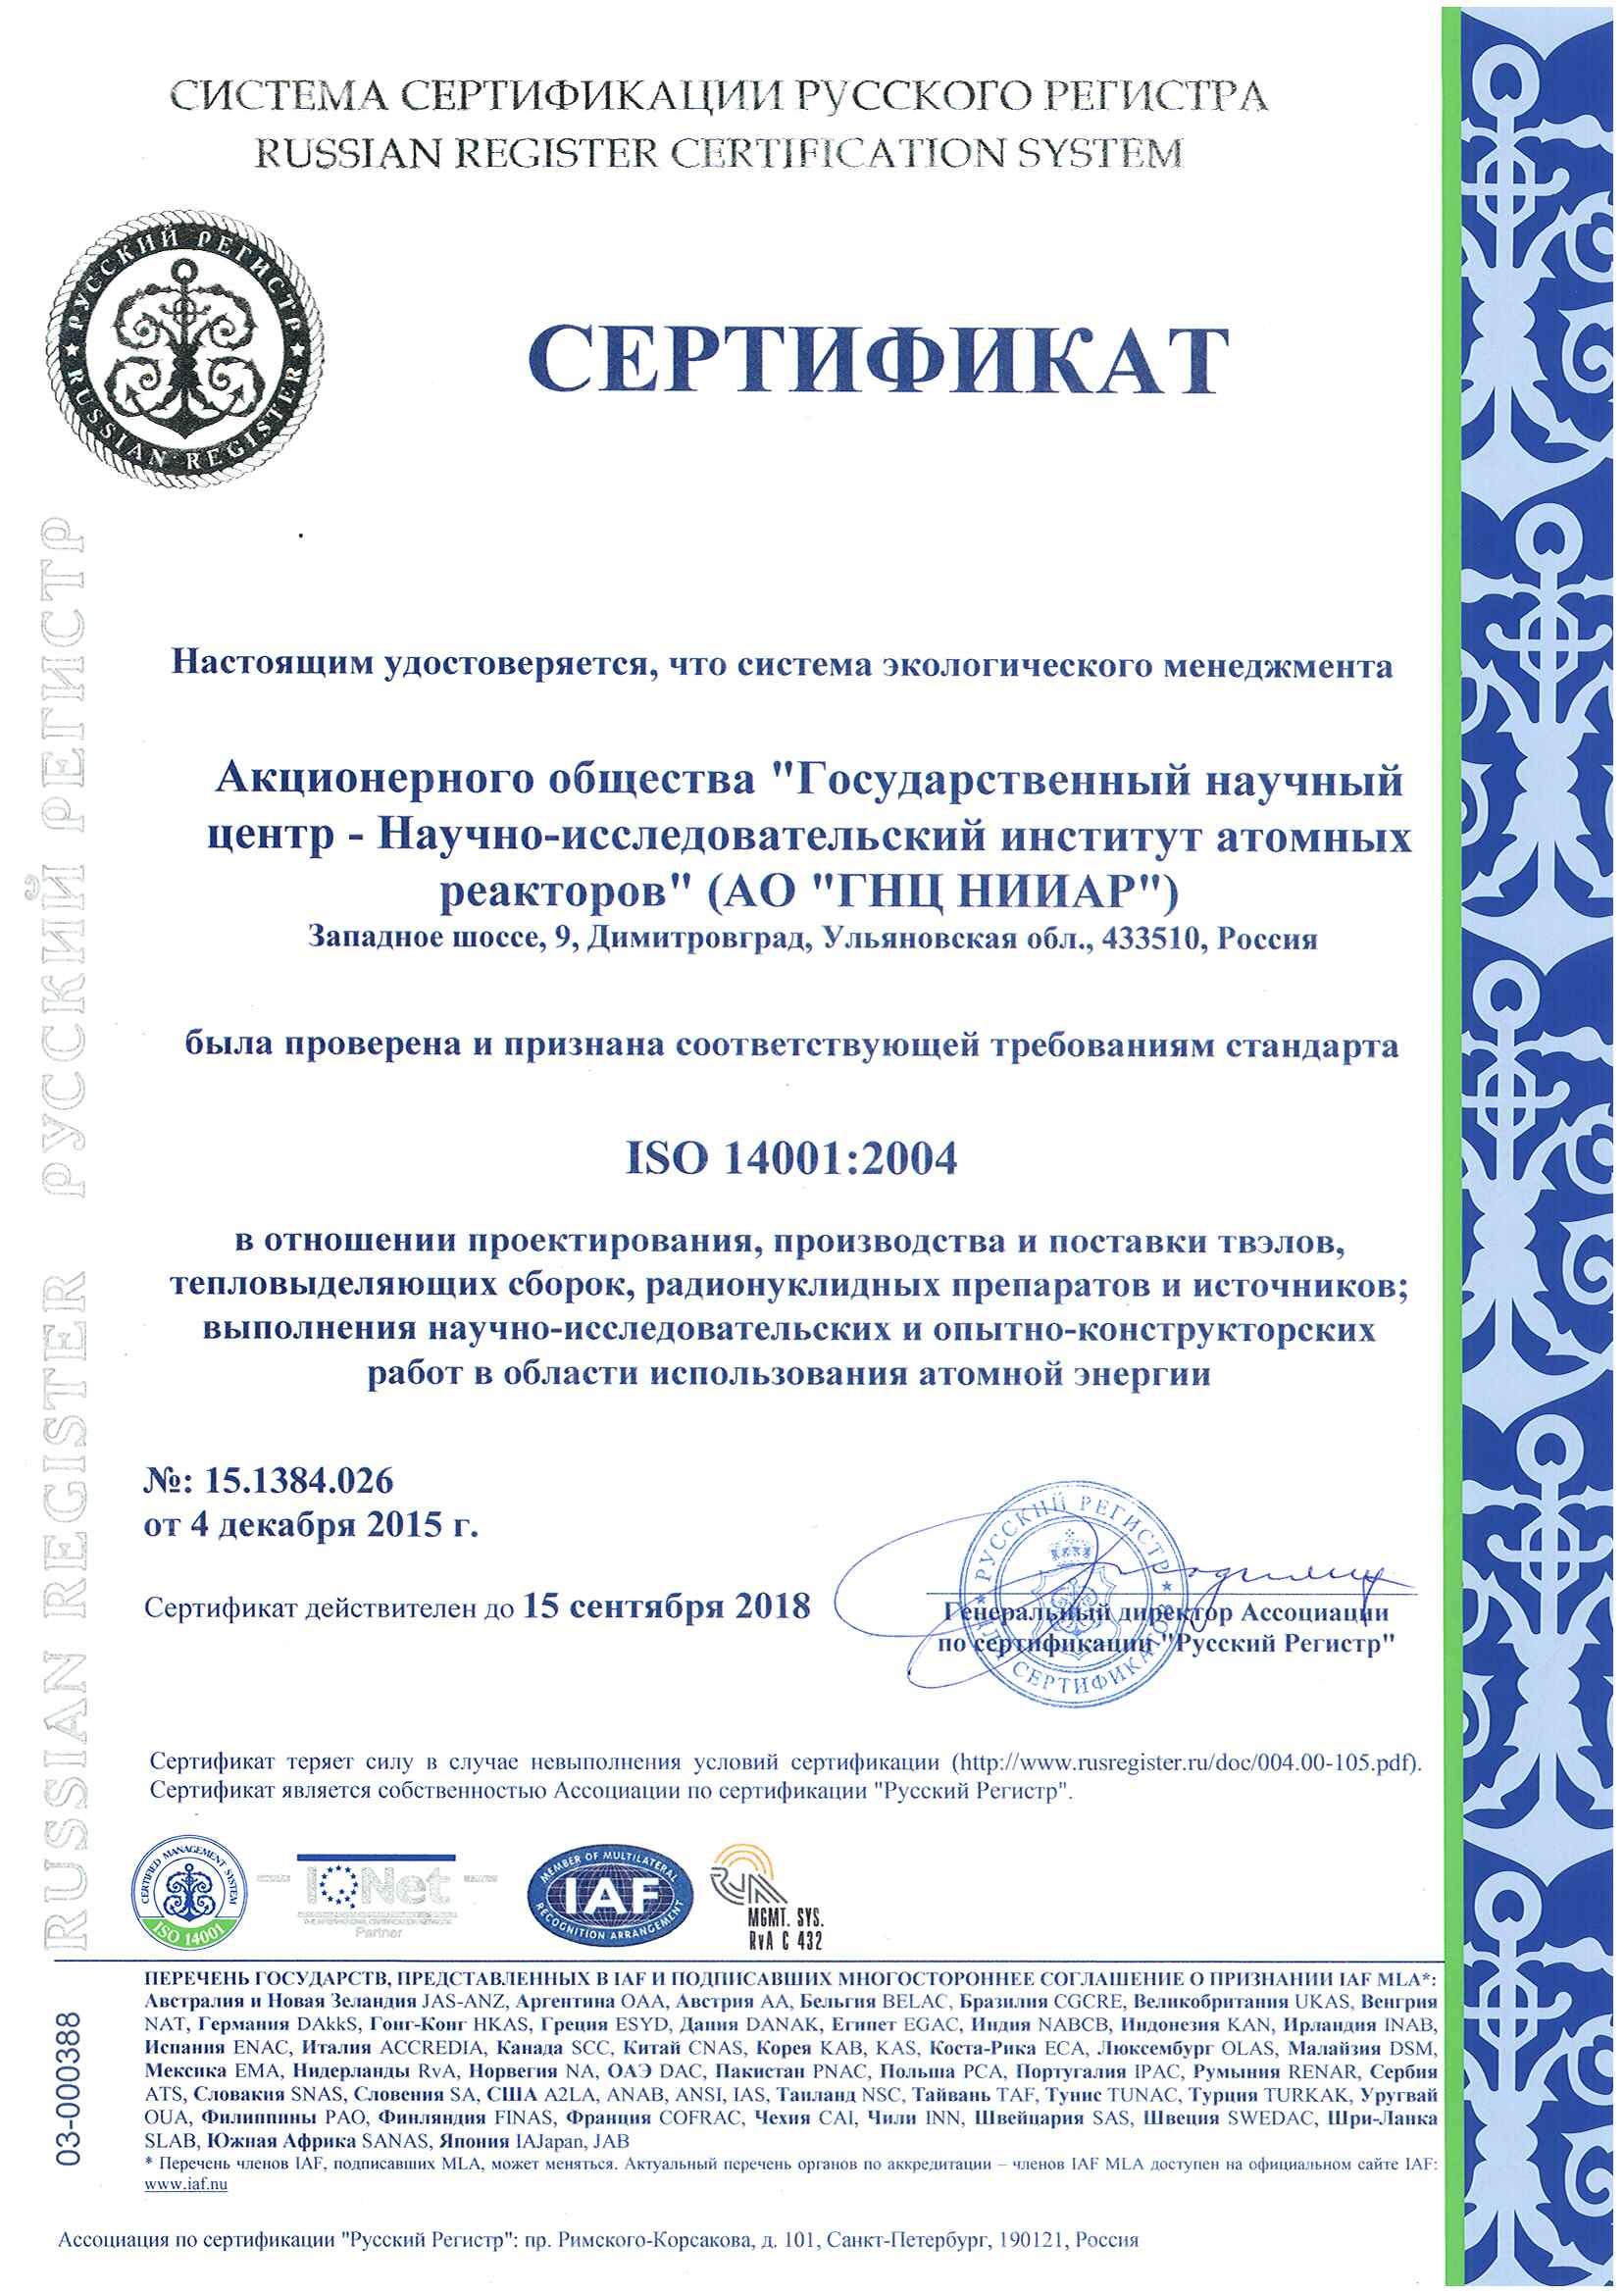 Iso 9001 version 2015 pdf на русском